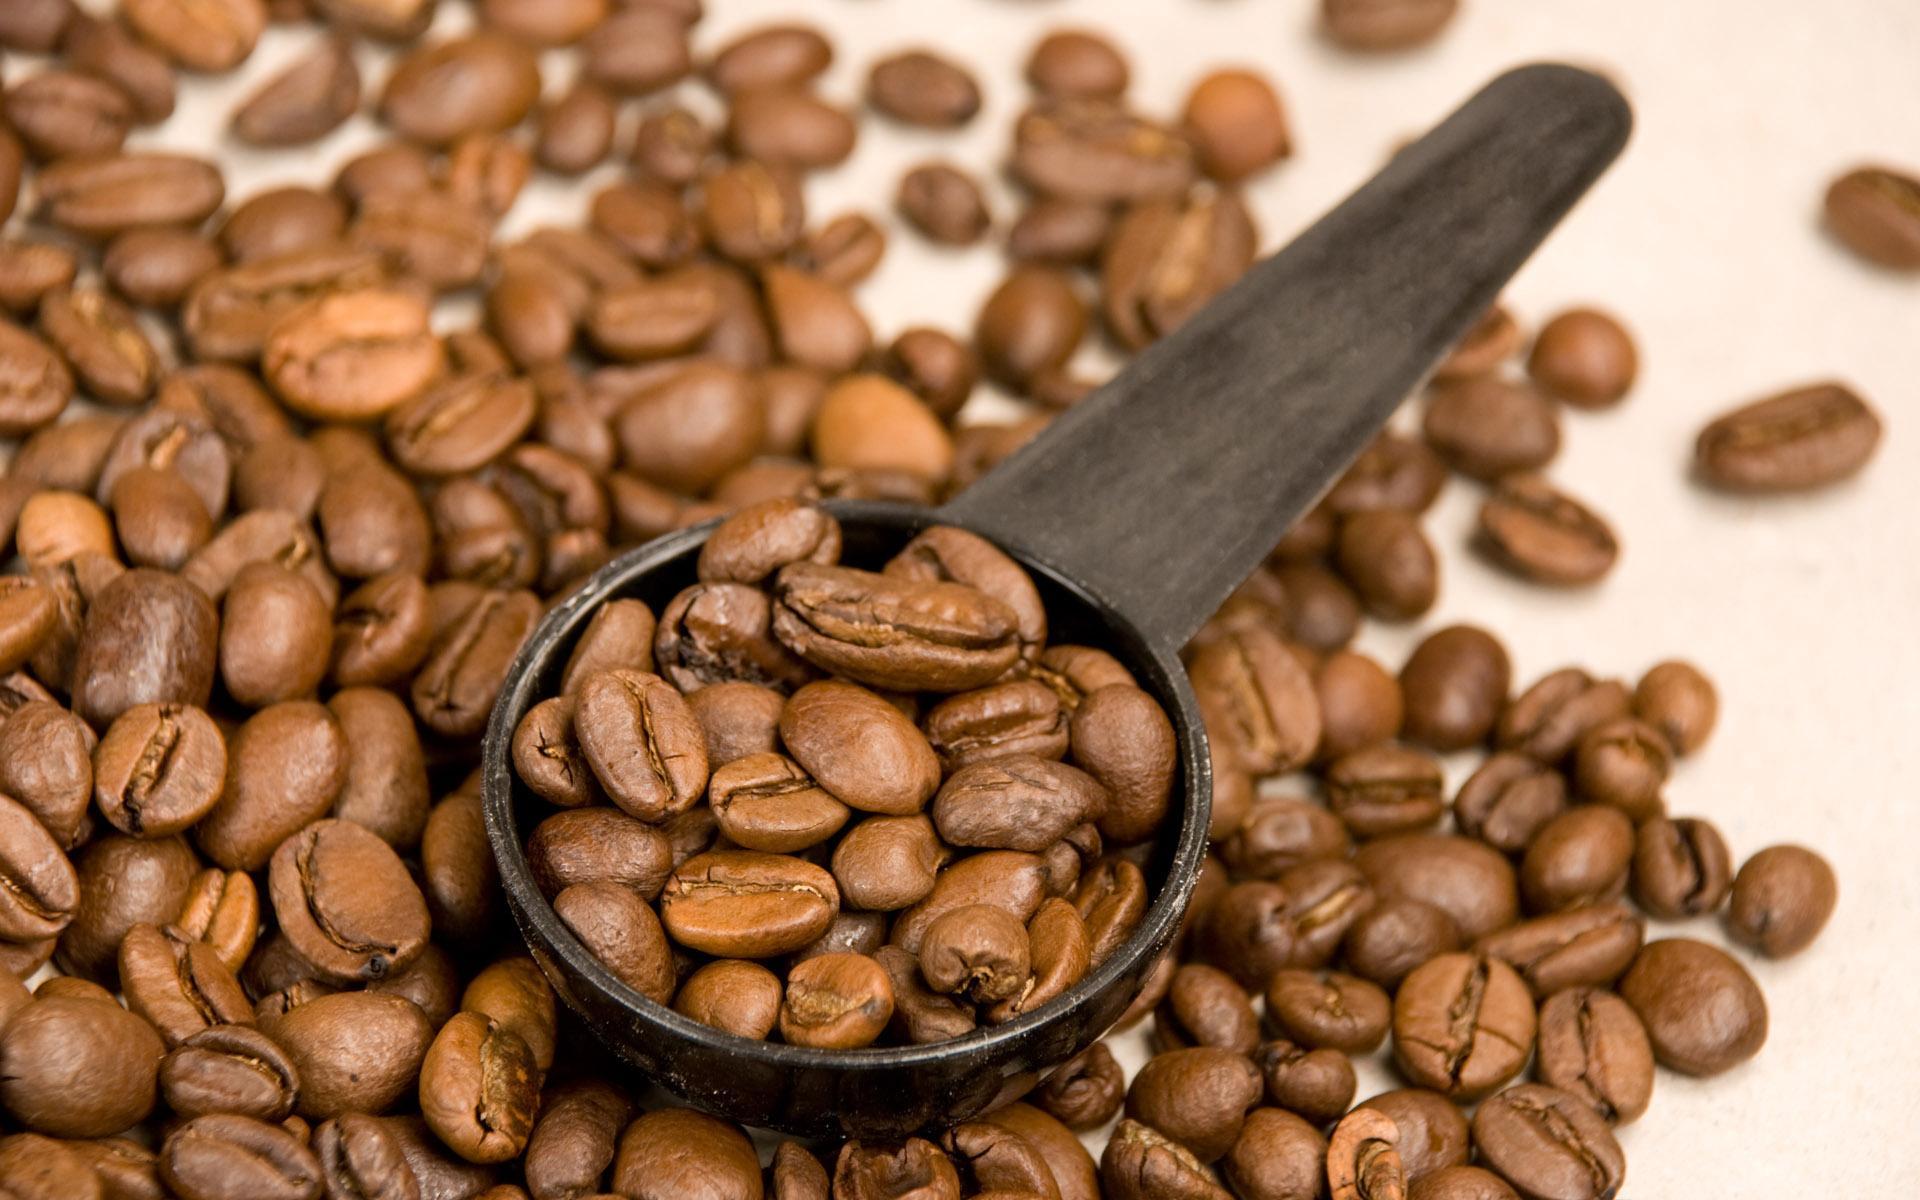 кофейные зерна и ложка, скачать фото, обои для рабочего стола